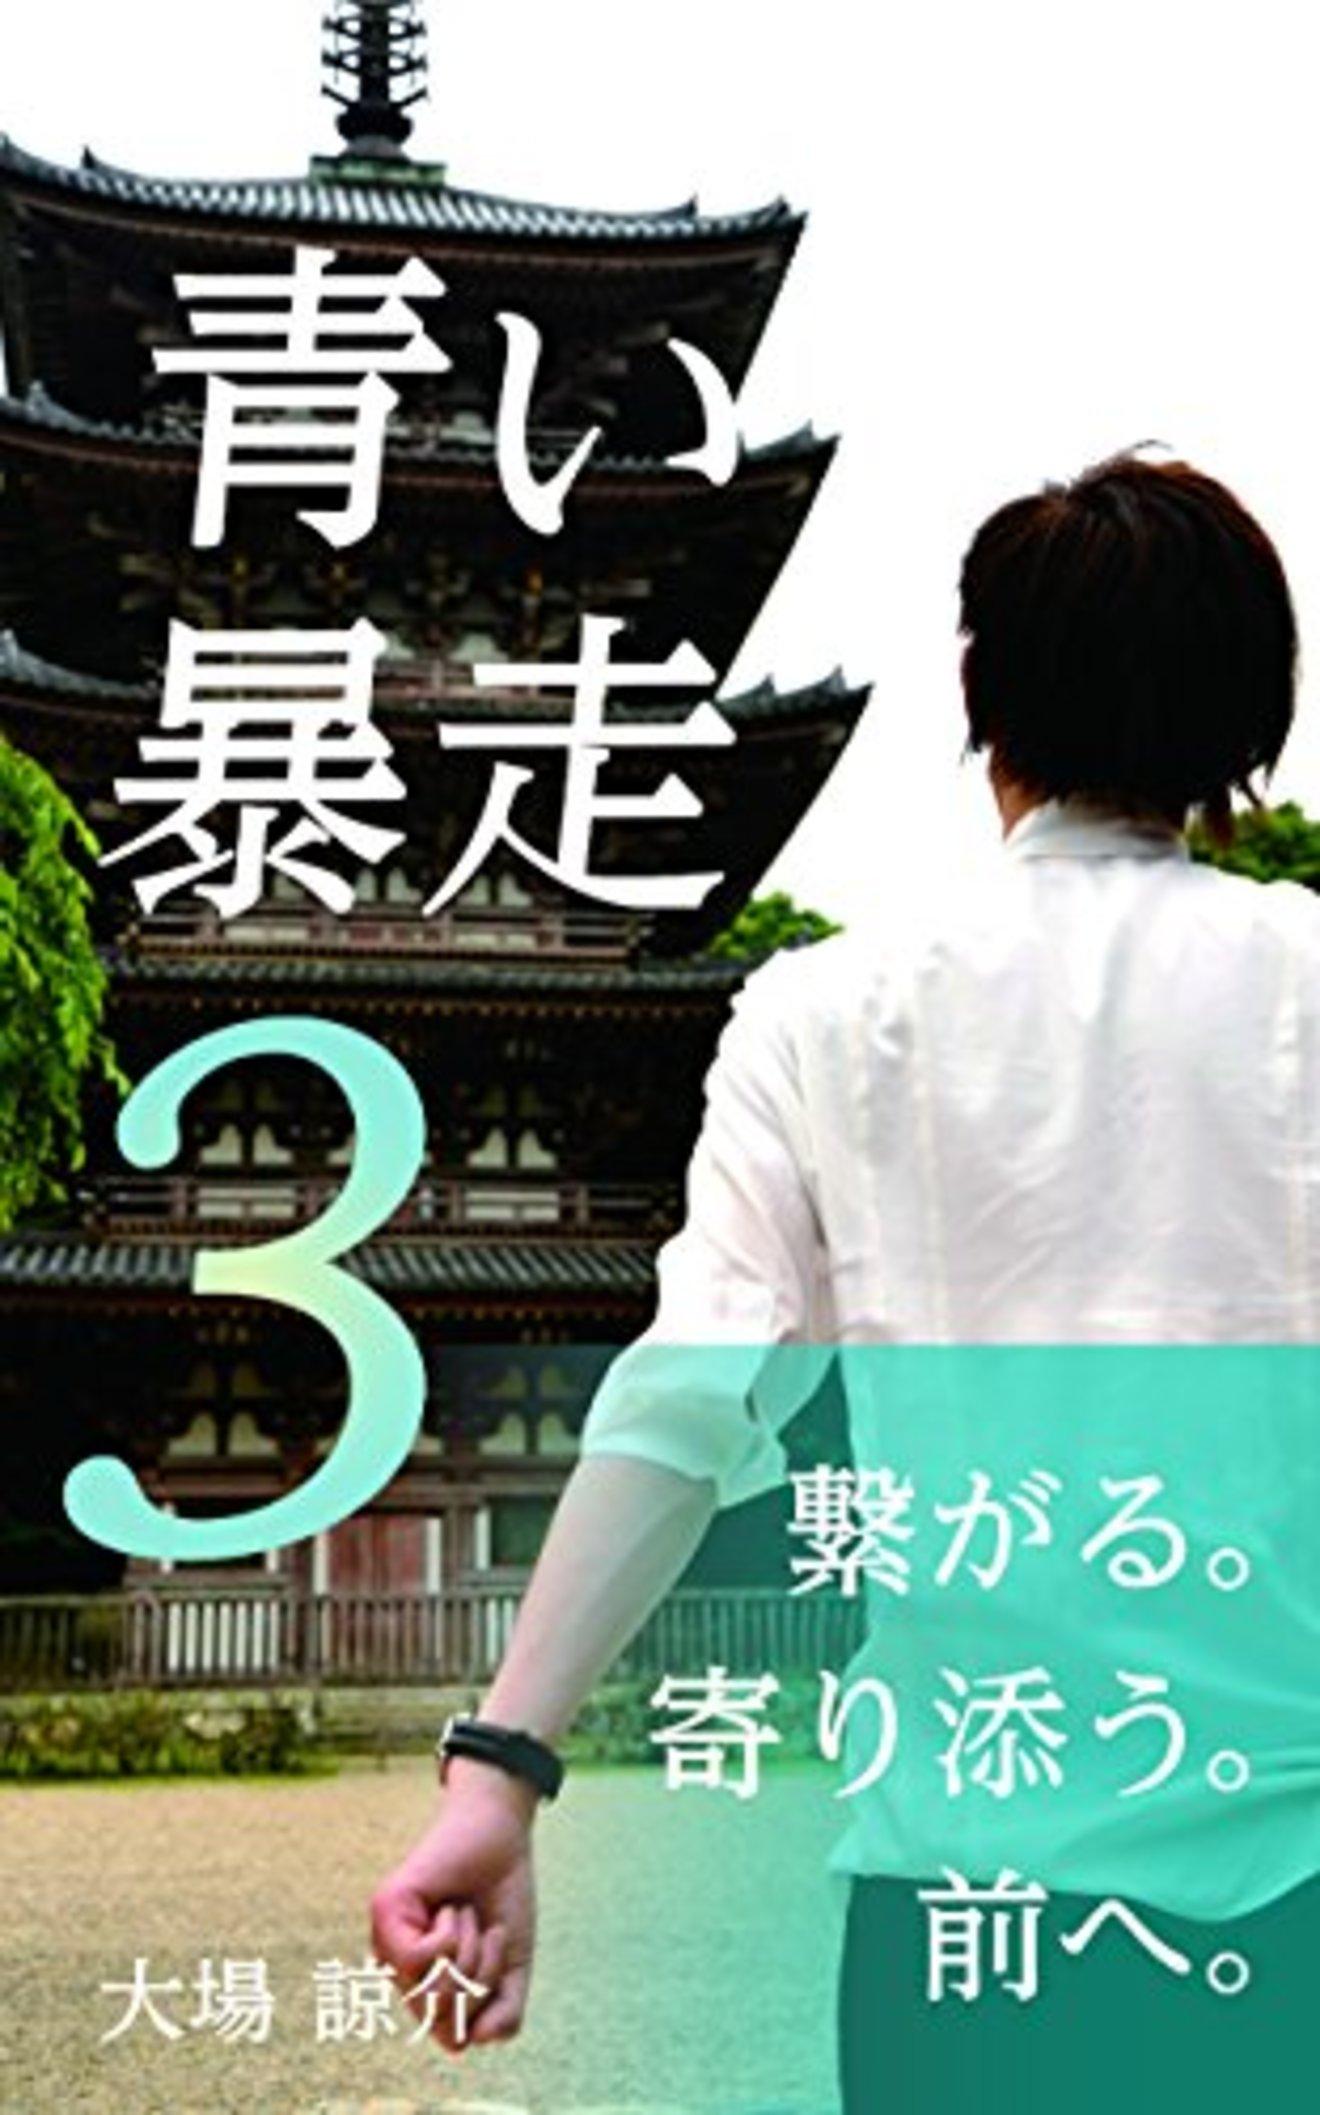 【連載小説】「ロマンティックが終わる時」第1話【毎朝6時更新】